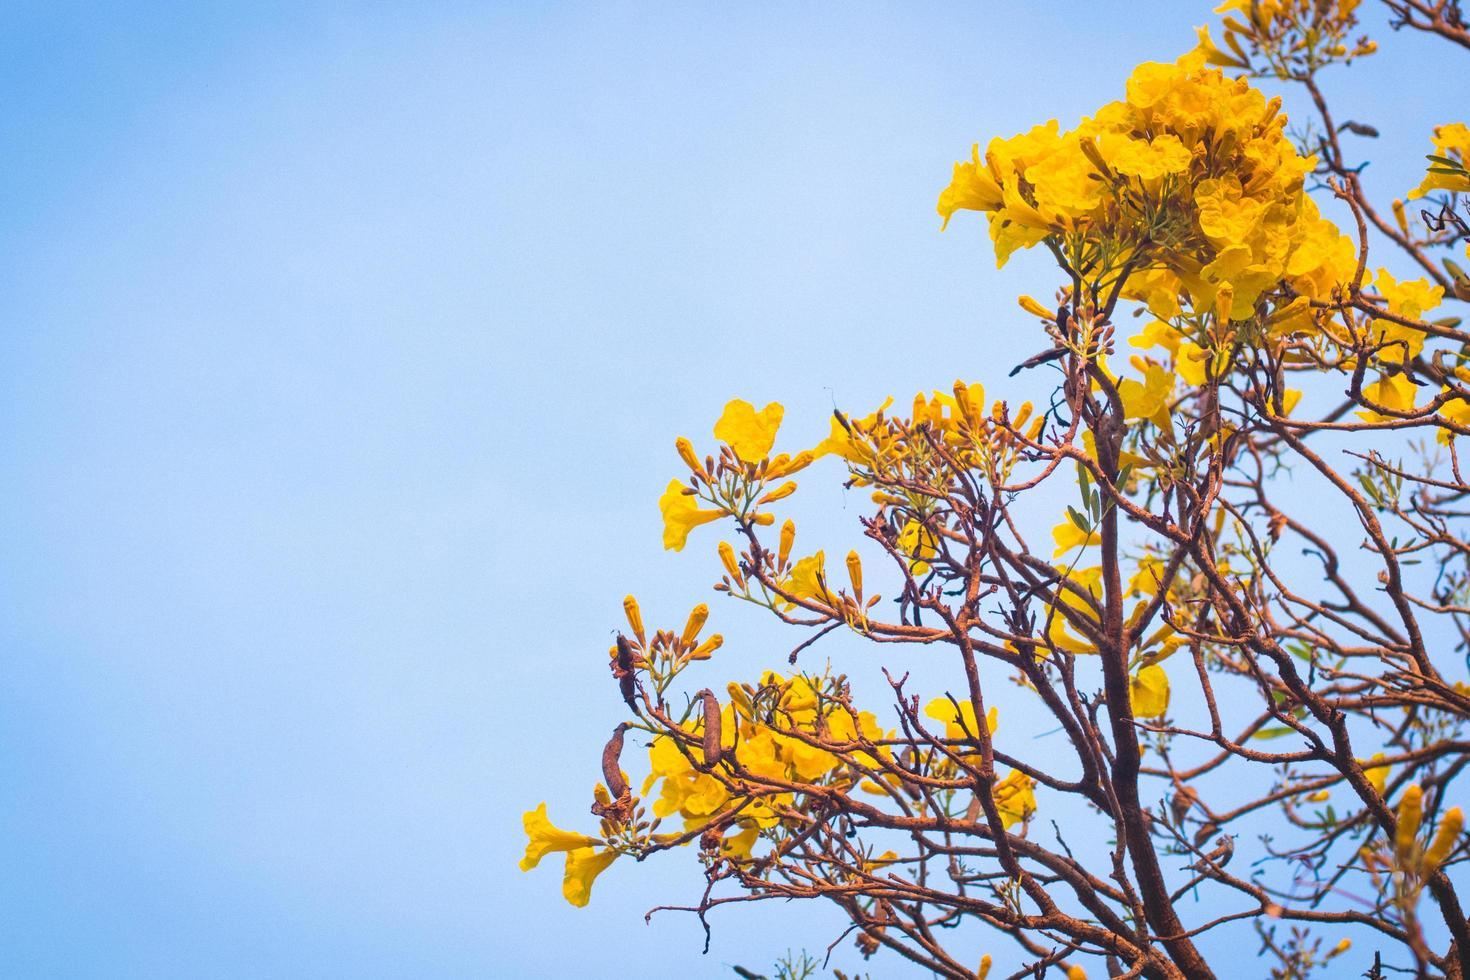 fleurs jaunes qui fleurissent au printemps photo